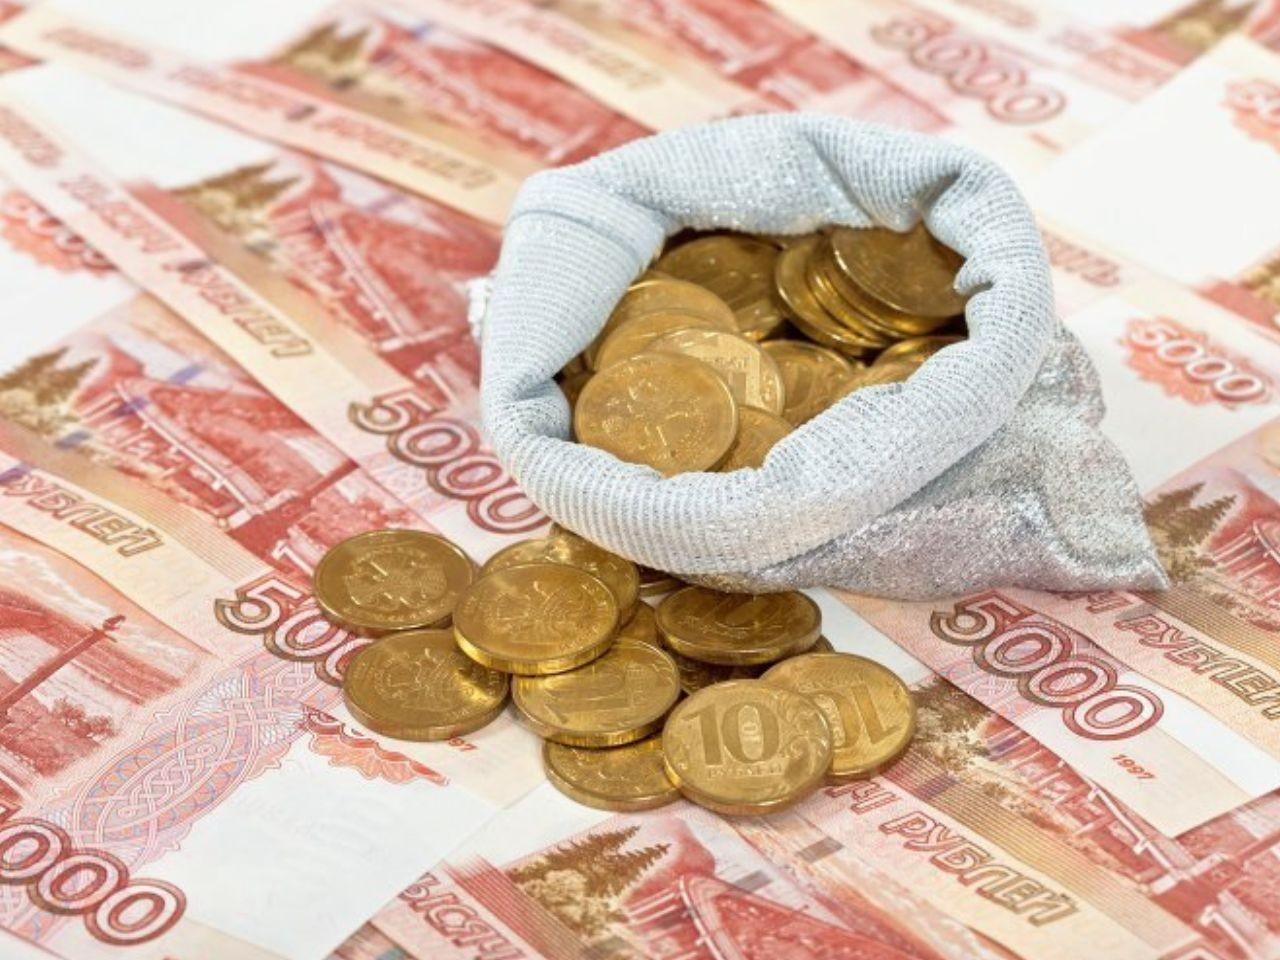 зеркалку деньги народные картинки сине-фиолетовые оттенки